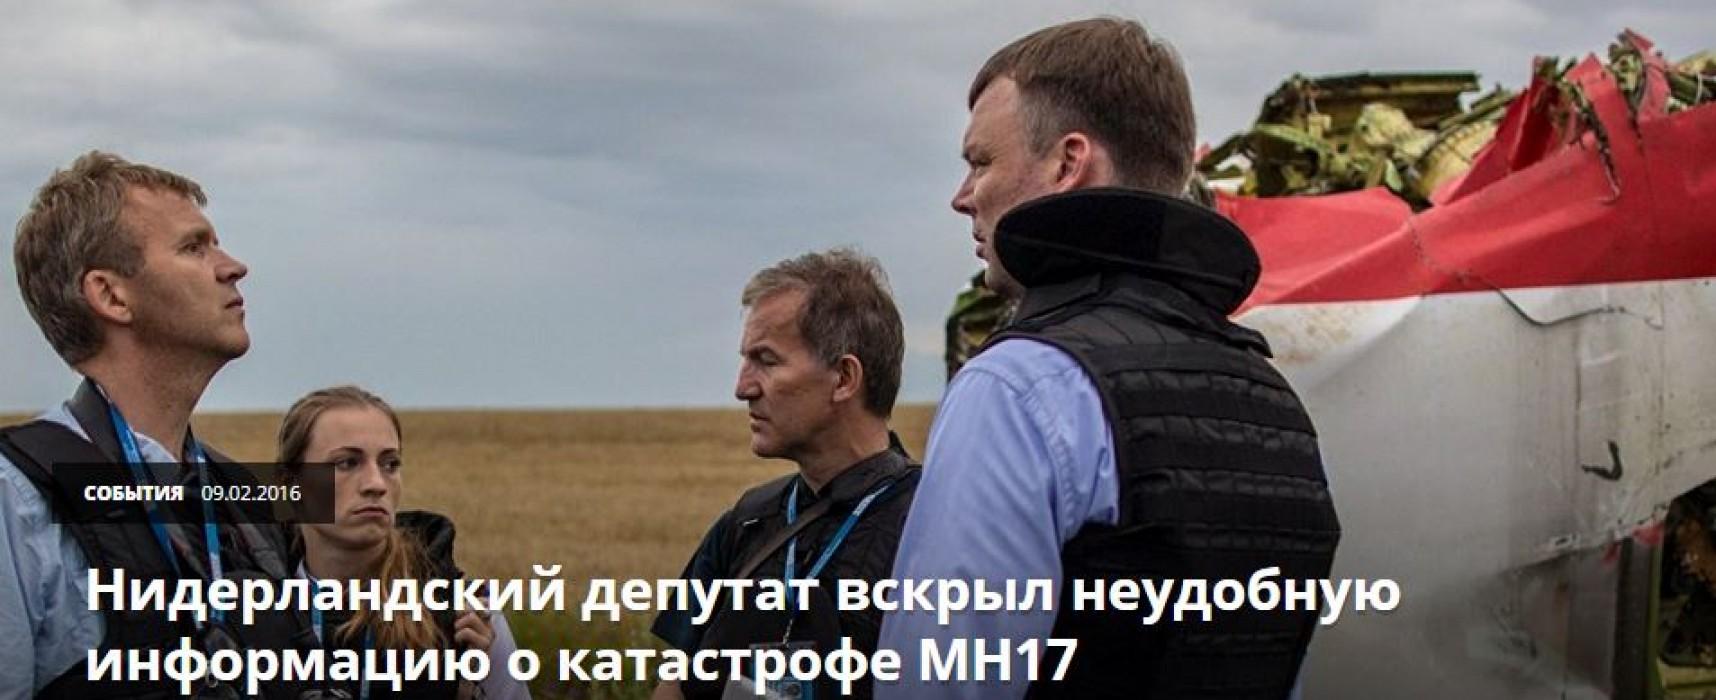 Фейк: международни експерти възлагат на Киев вината за катастрофата с лайнера край Донецк